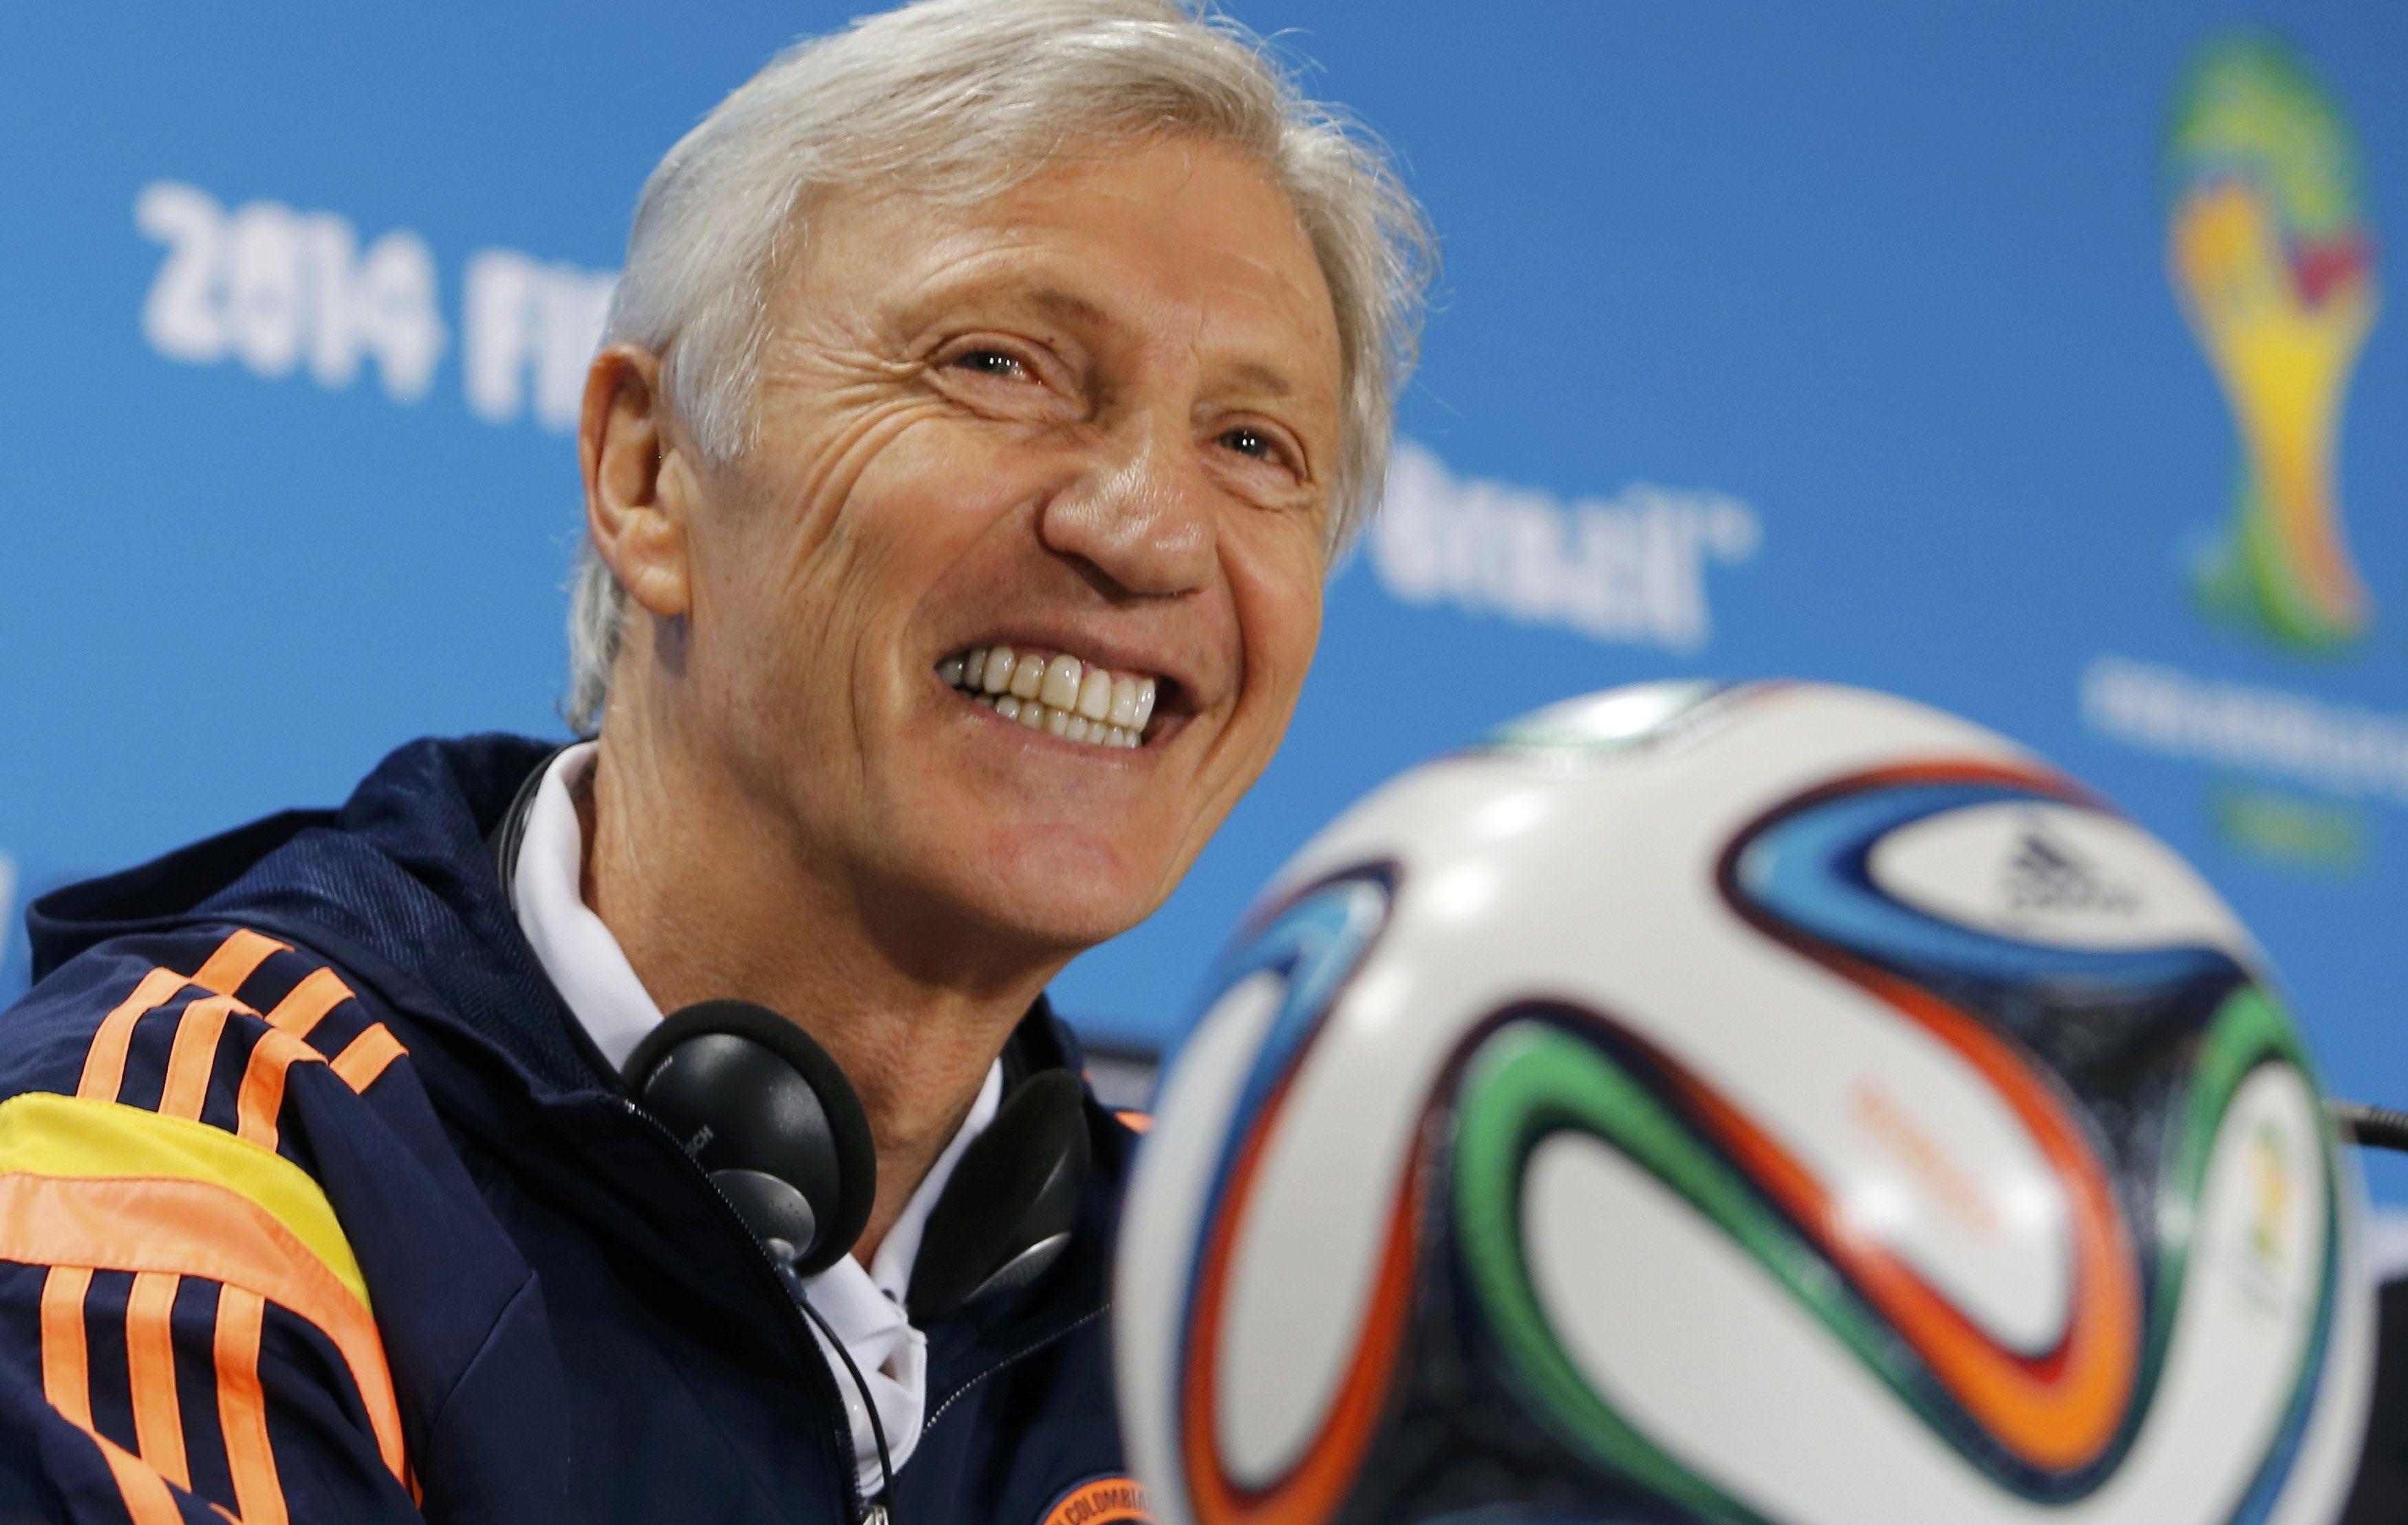 Pekerman sostiene que Messi puede darle a Argentina una Copa del Mundo